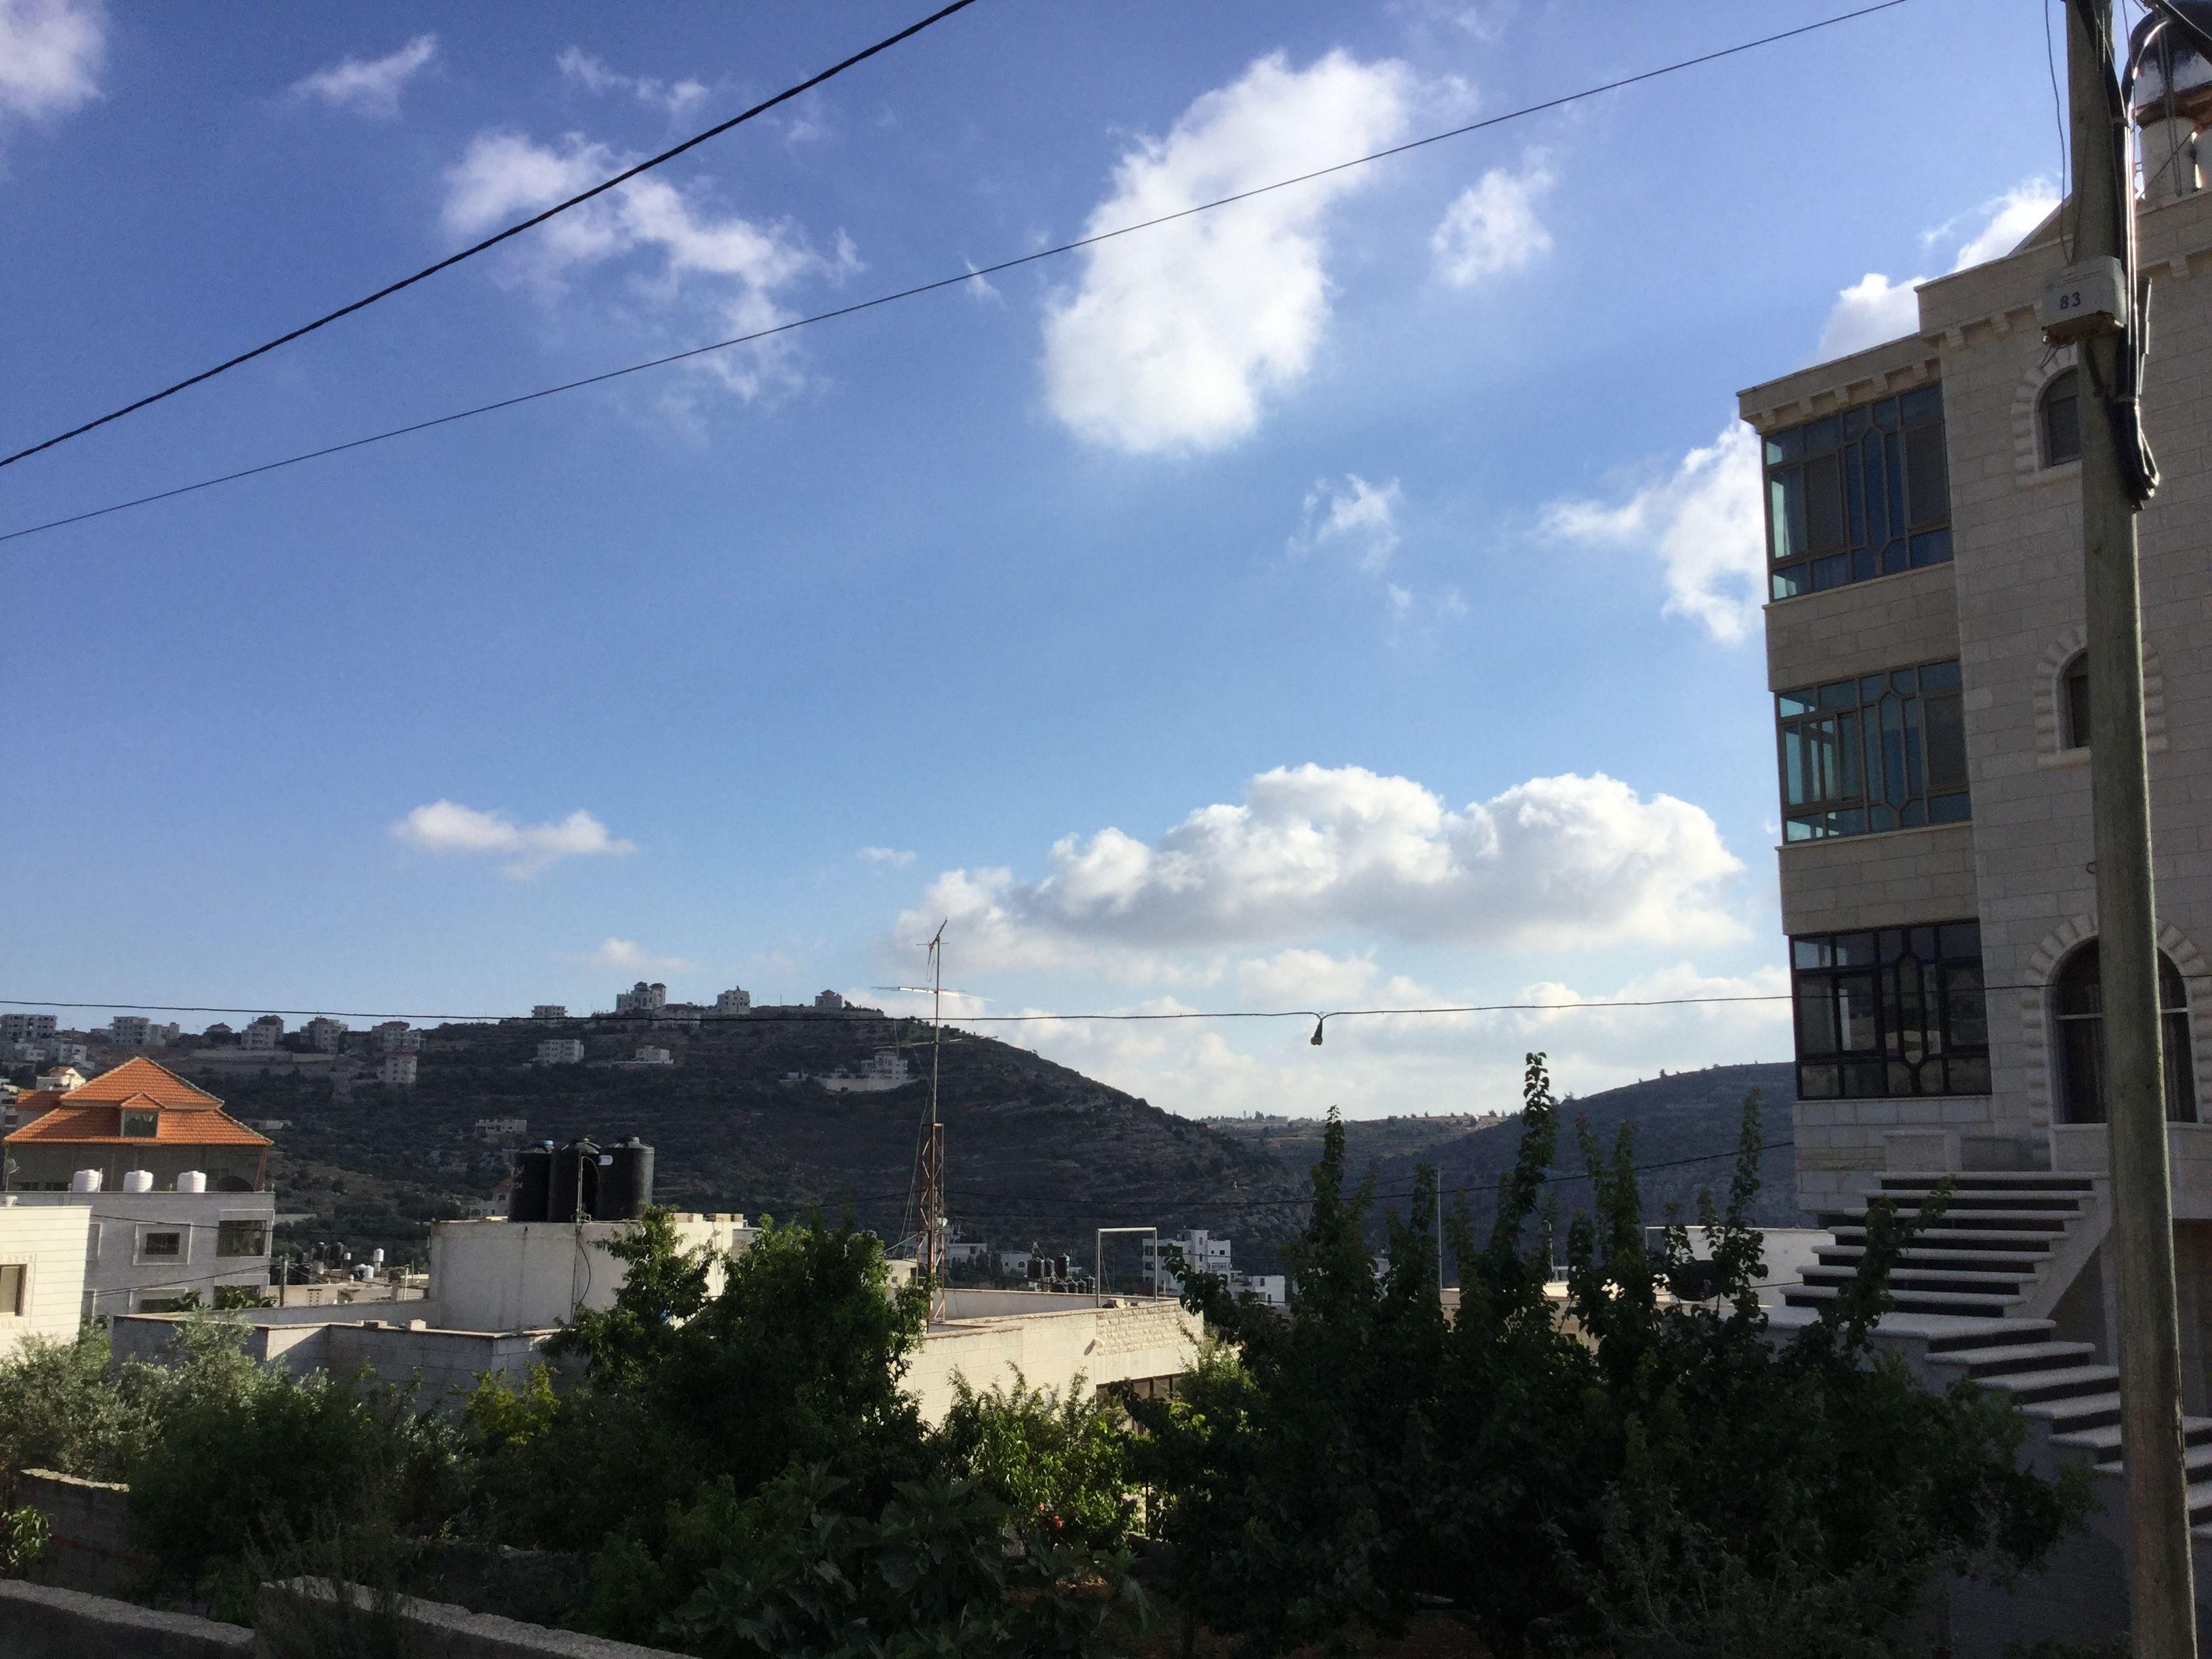 قرية عين يبرود Outdoor Clouds